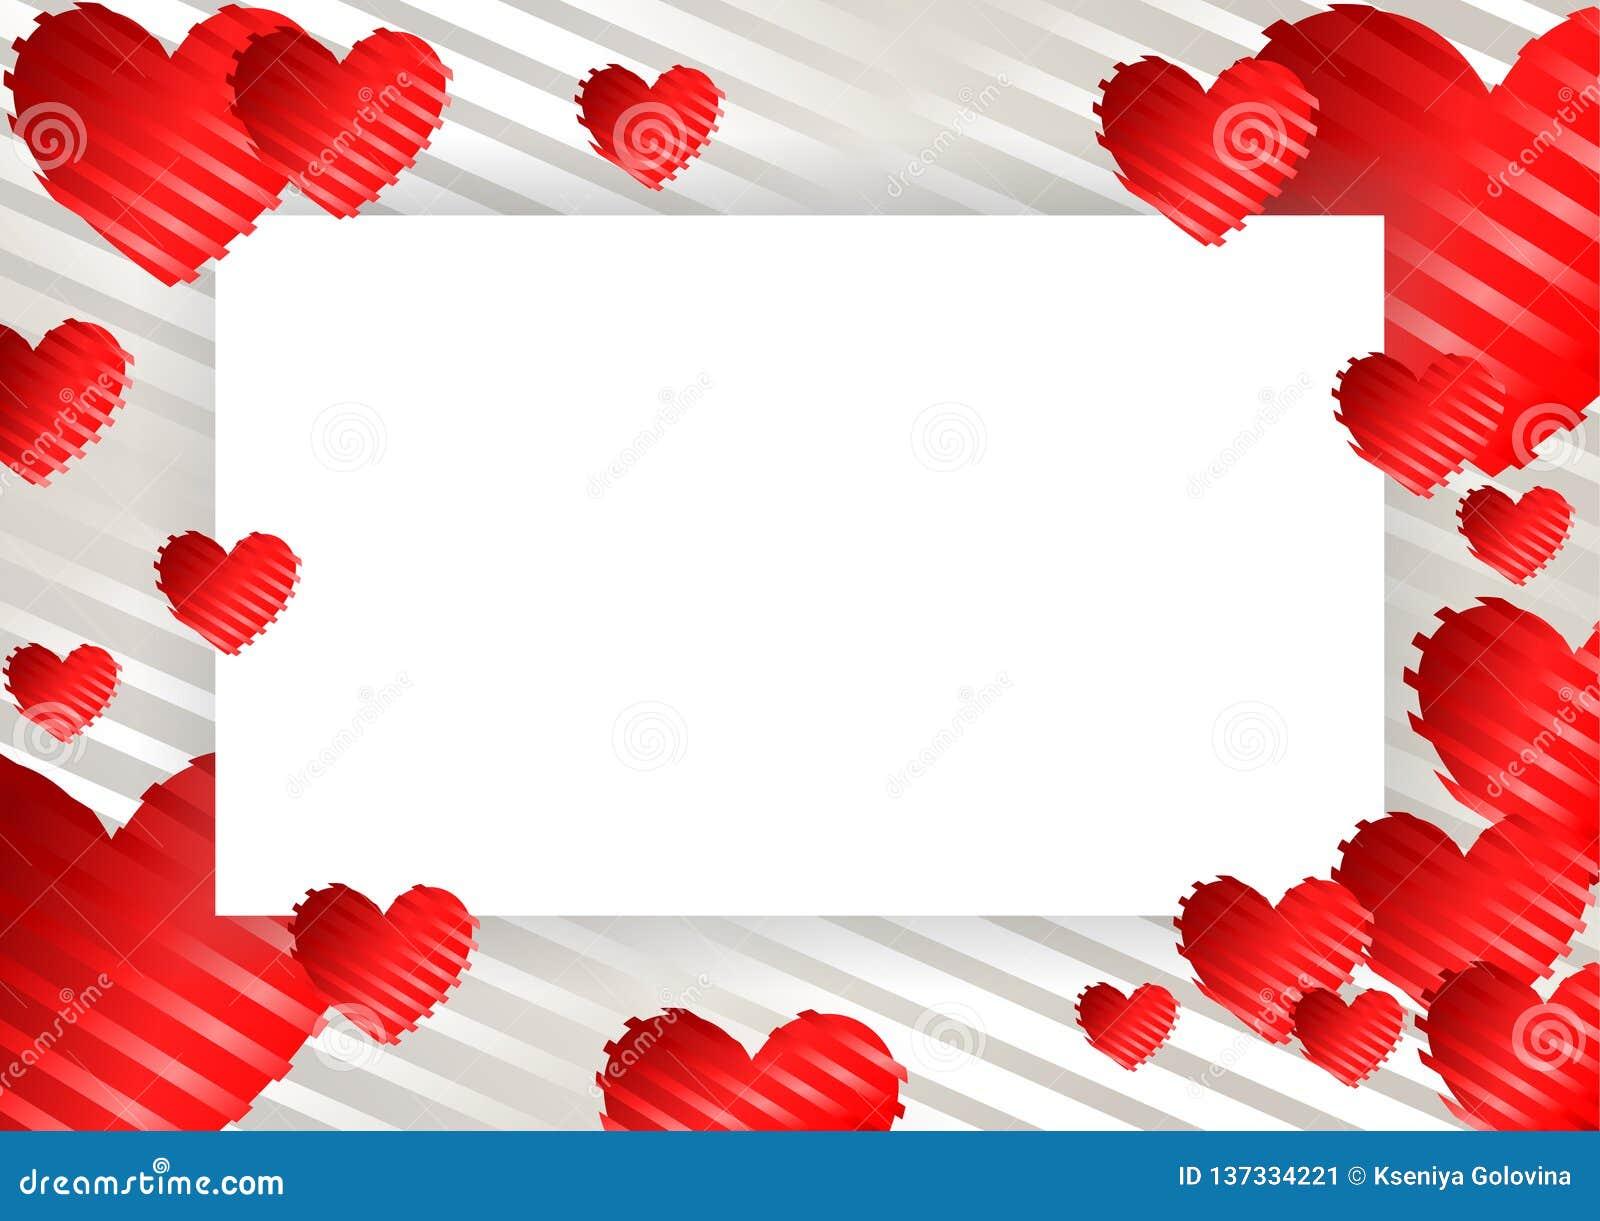 πλαίσιο, σύνορα με τις καρδιές